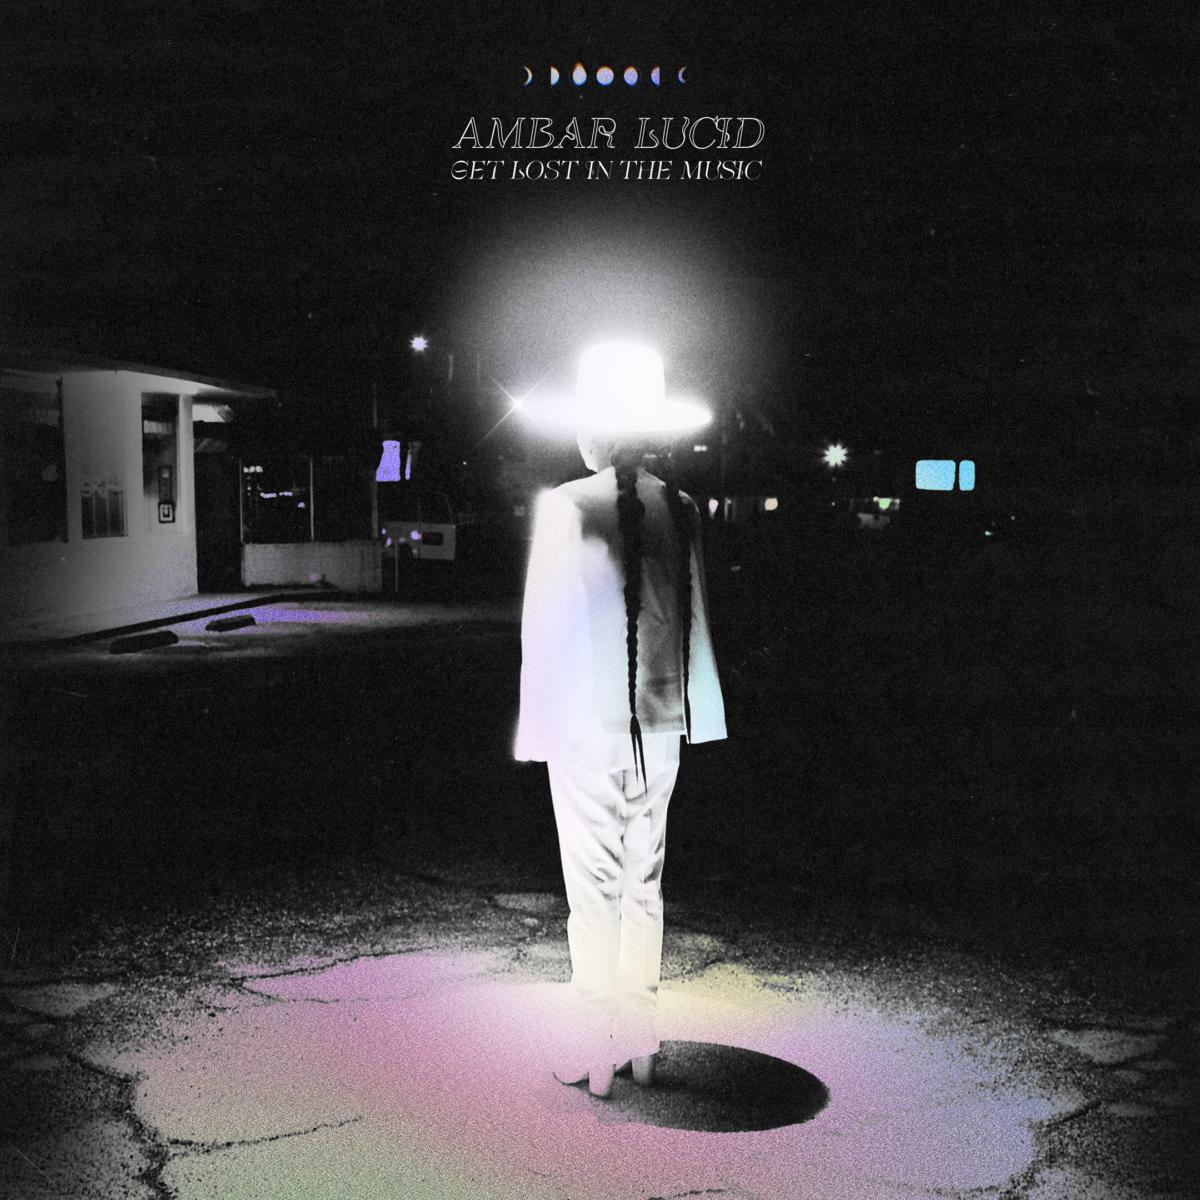 ambar lucid lanza nuevo sencillo y anuncia ep get lost in the music unnamed 1